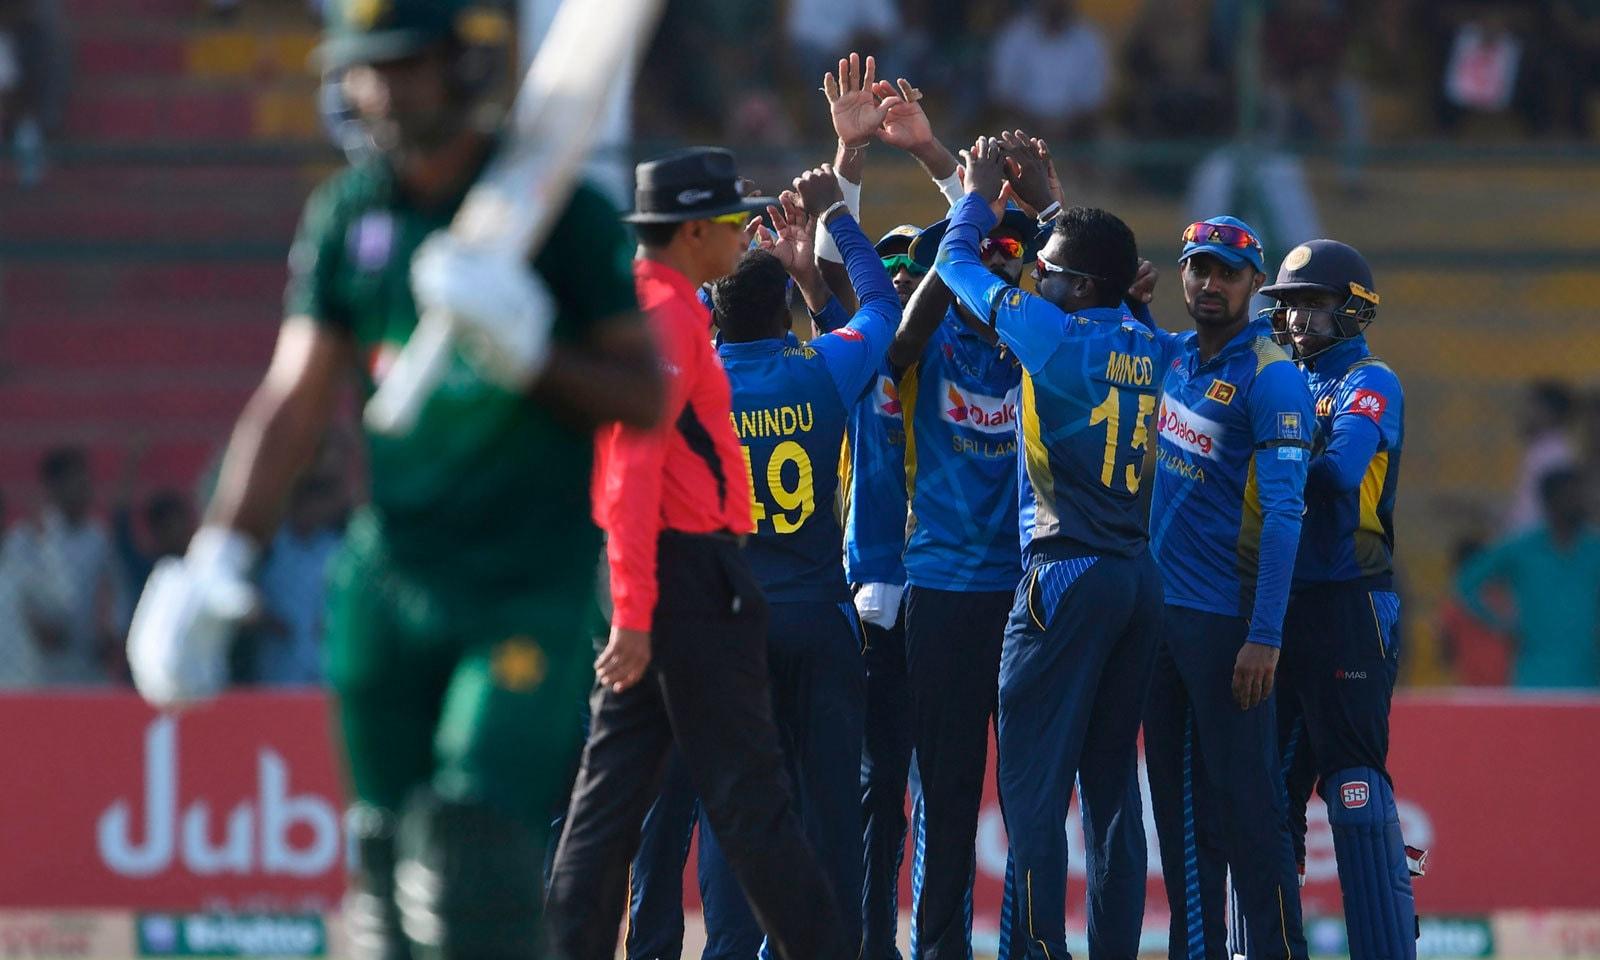 سری لنکا کی جانب سے ہسارنگا ڈی سلوا نے ابتدائی دونوں وکٹیں حاصل کیں— فوٹو: اے ایف پی